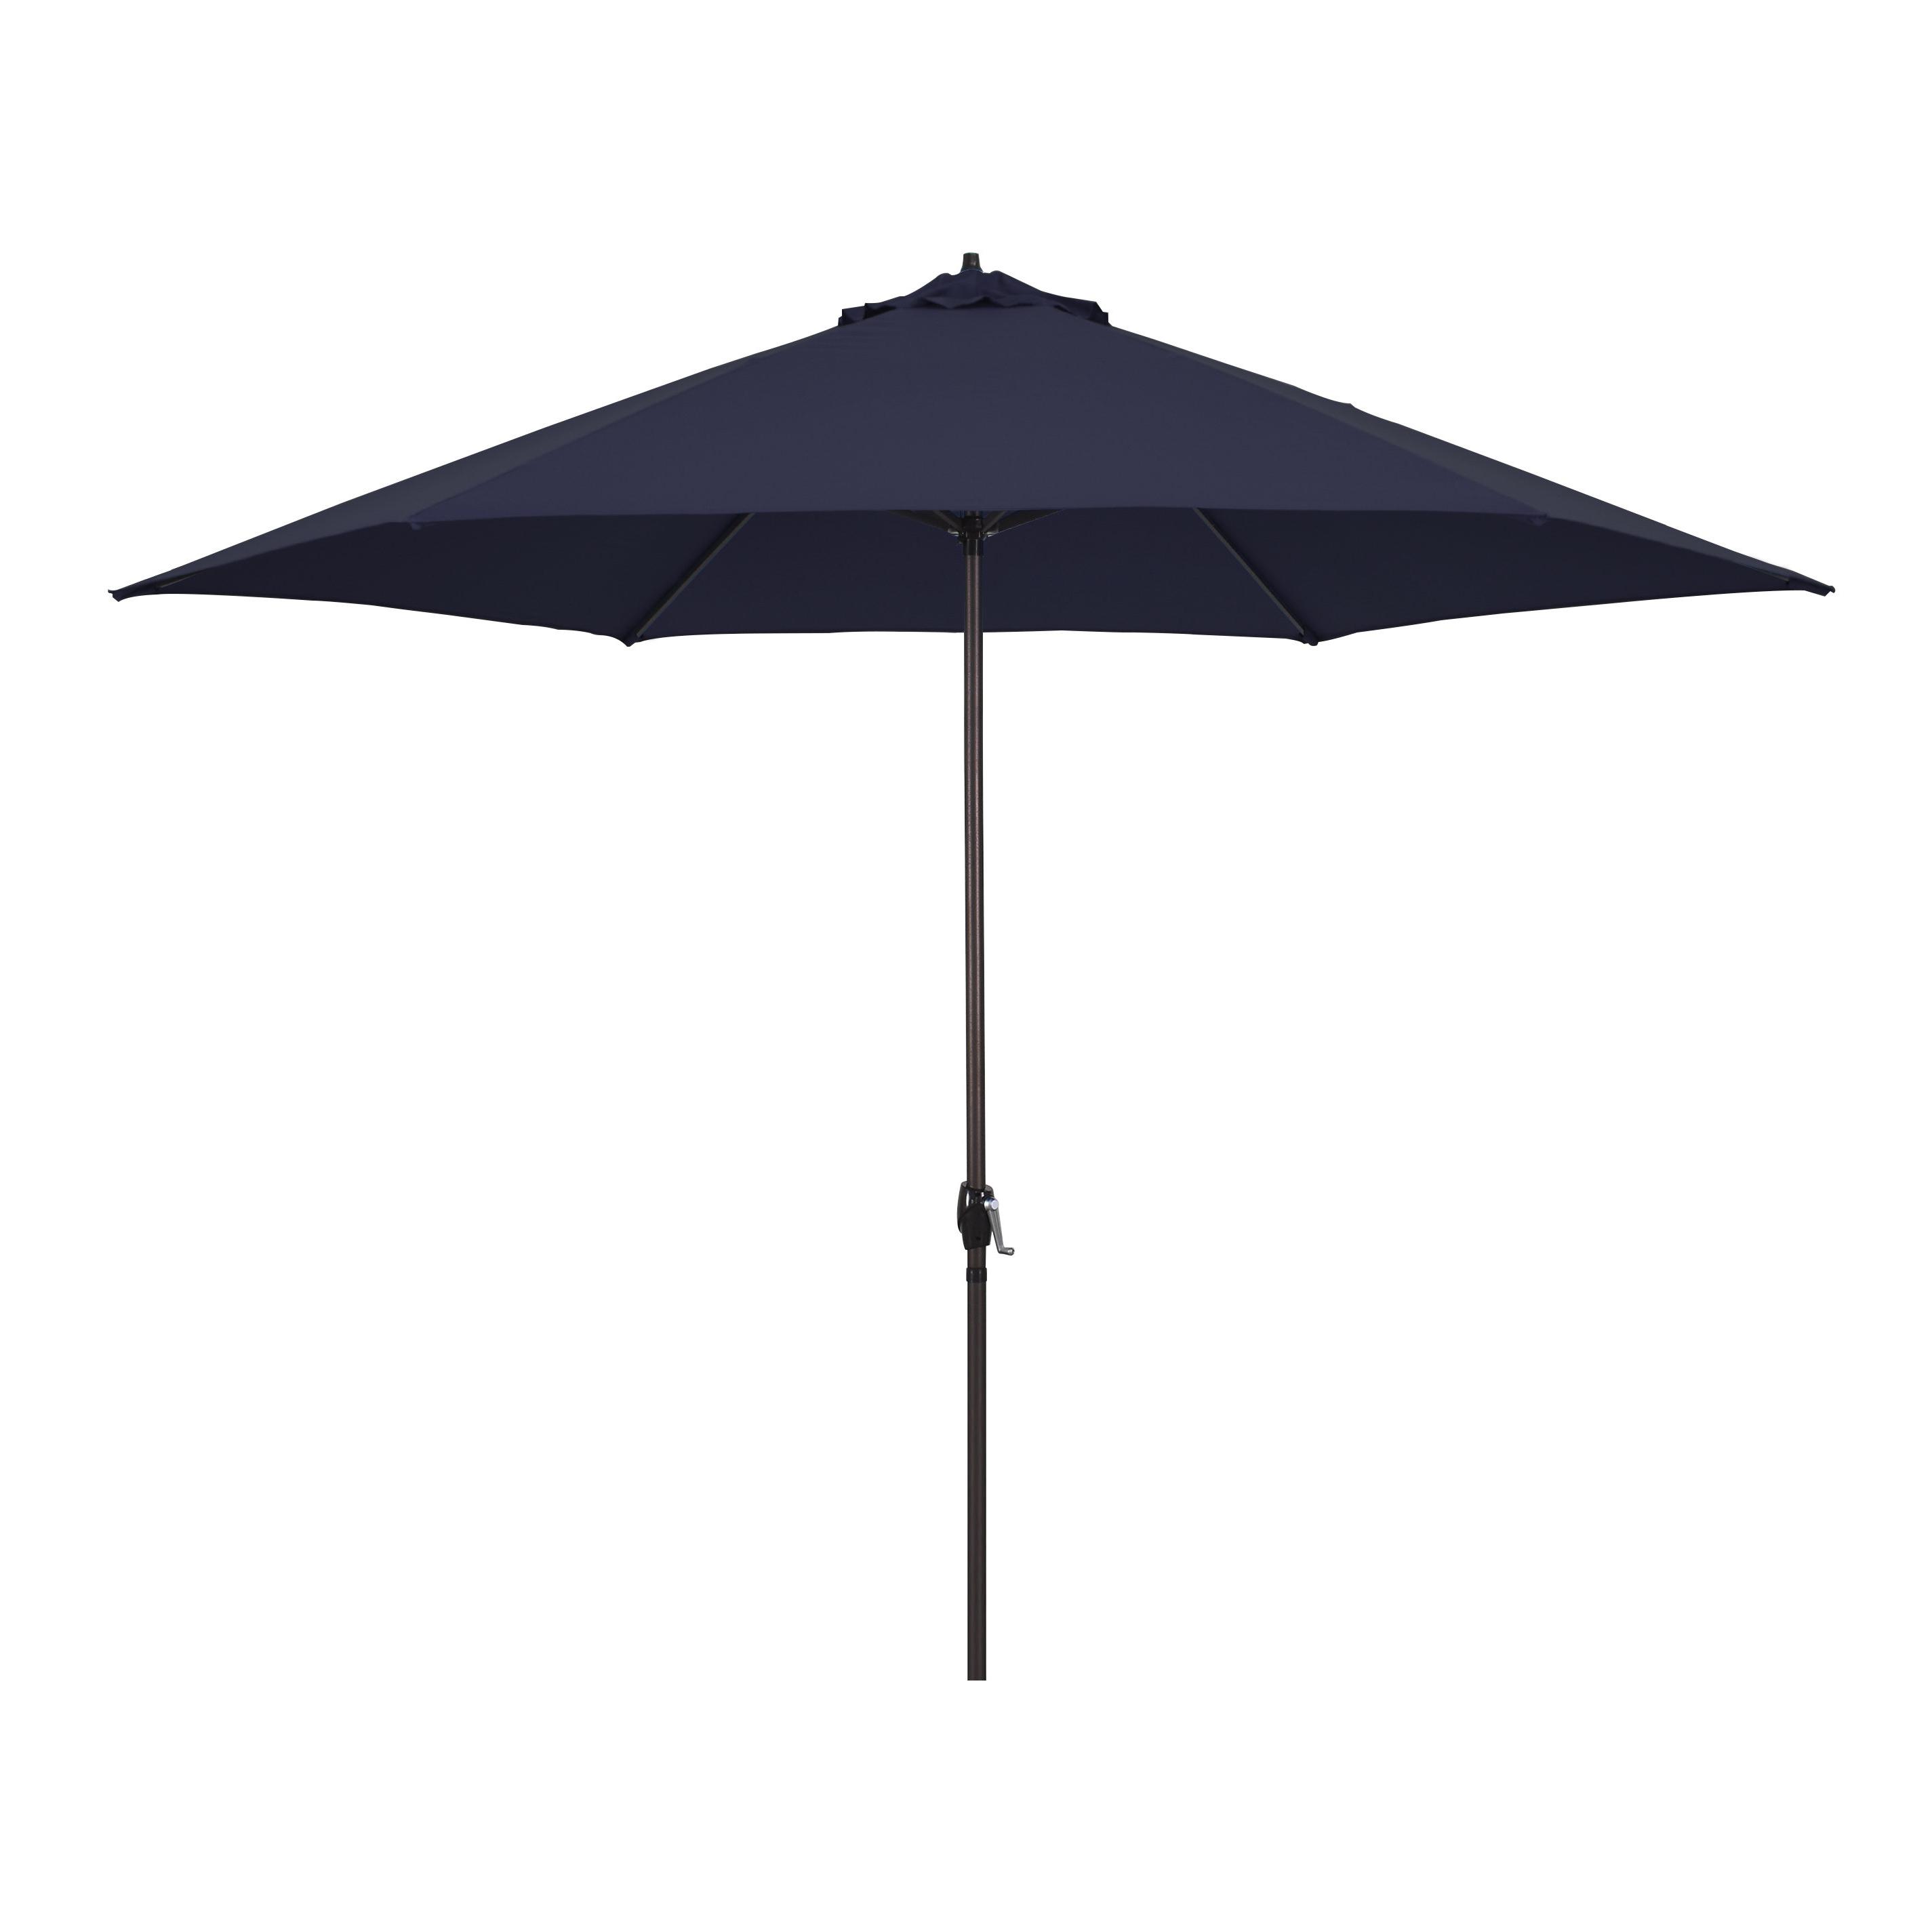 Isom Market Umbrellas Inside Most Popular Mcdougal 11' Market Umbrella (View 7 of 20)